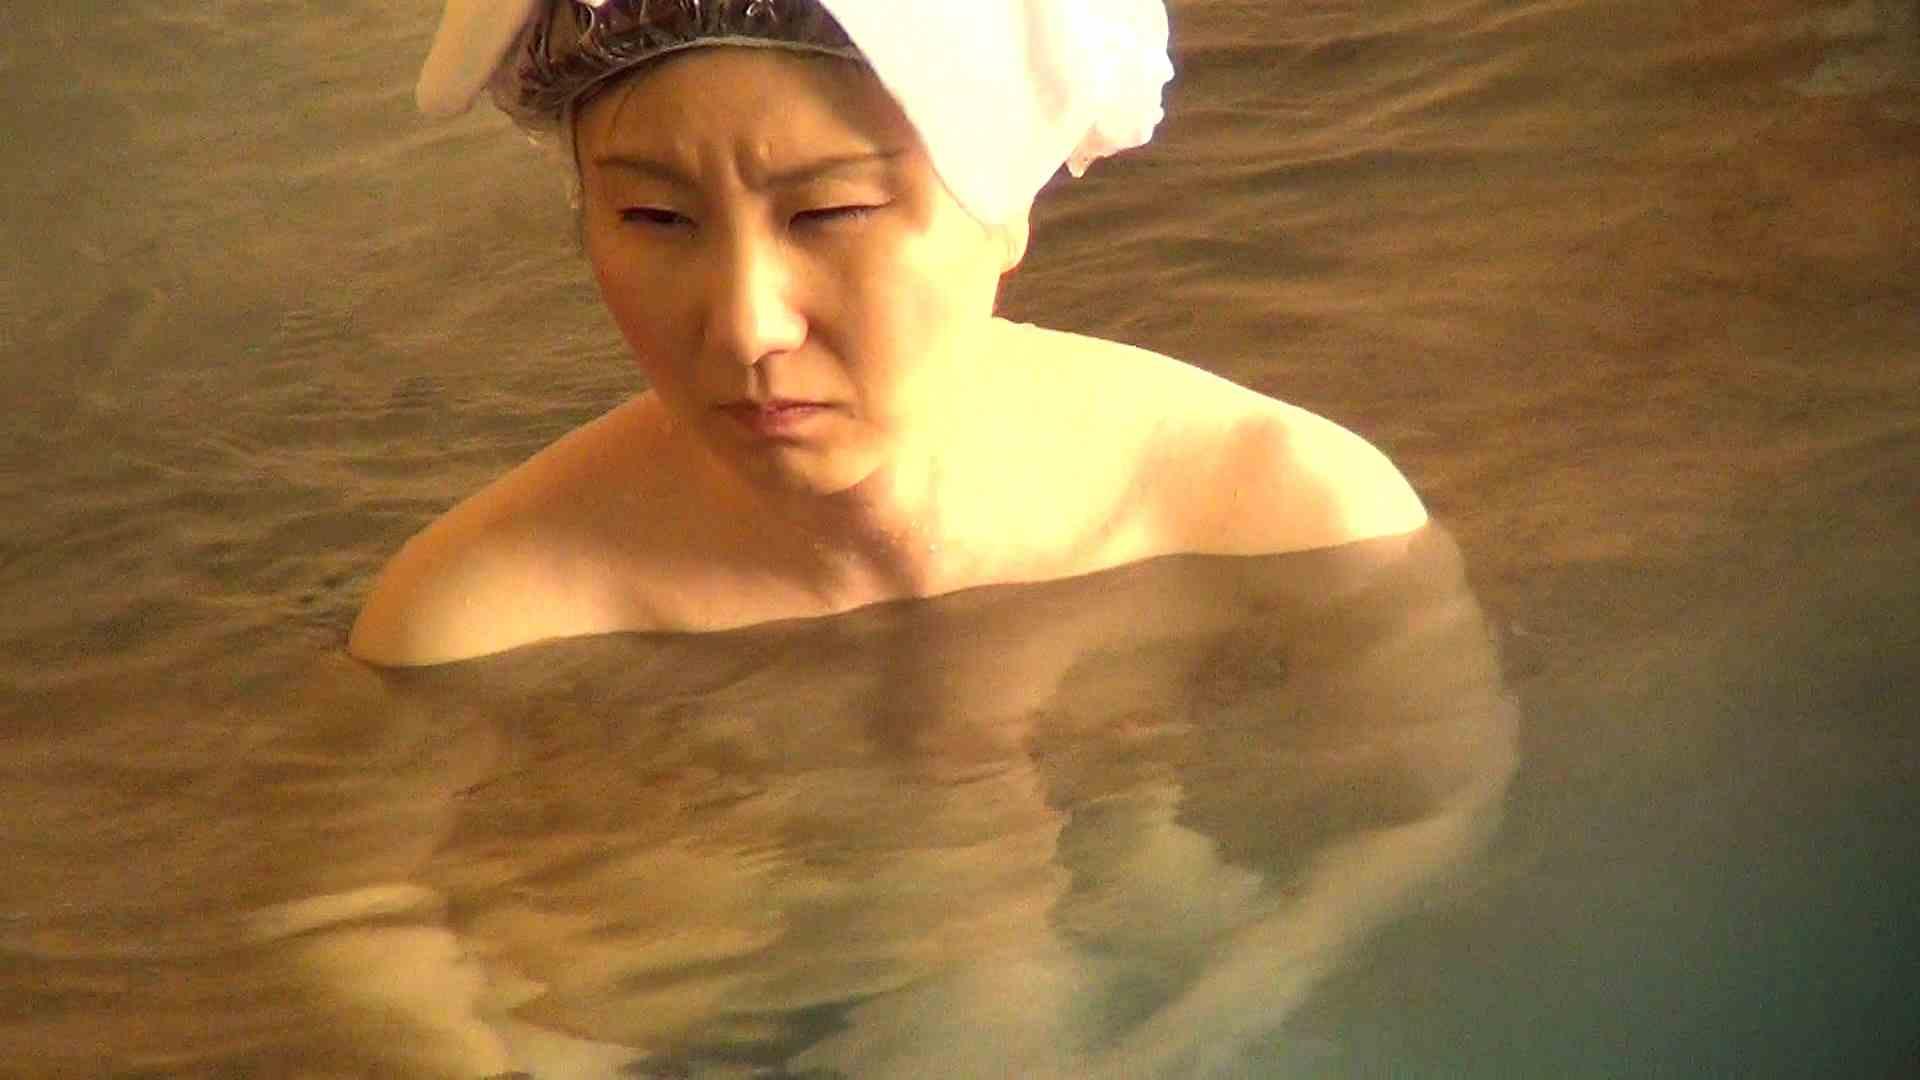 Aquaな露天風呂Vol.278 盗撮 | 露天  100画像 58